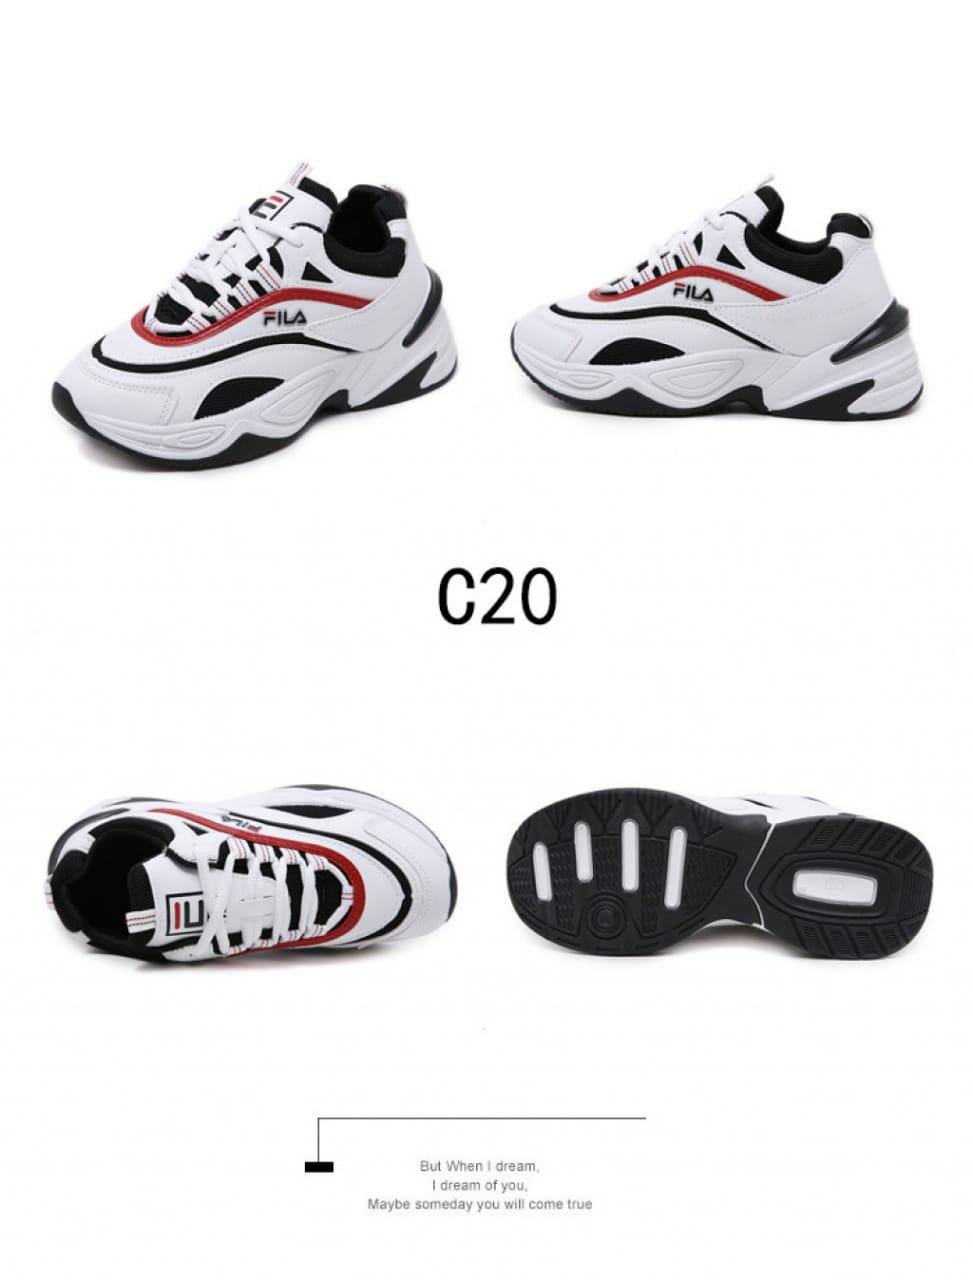 sepatu wanita fila 2020 kalimantan 8416/C20JL